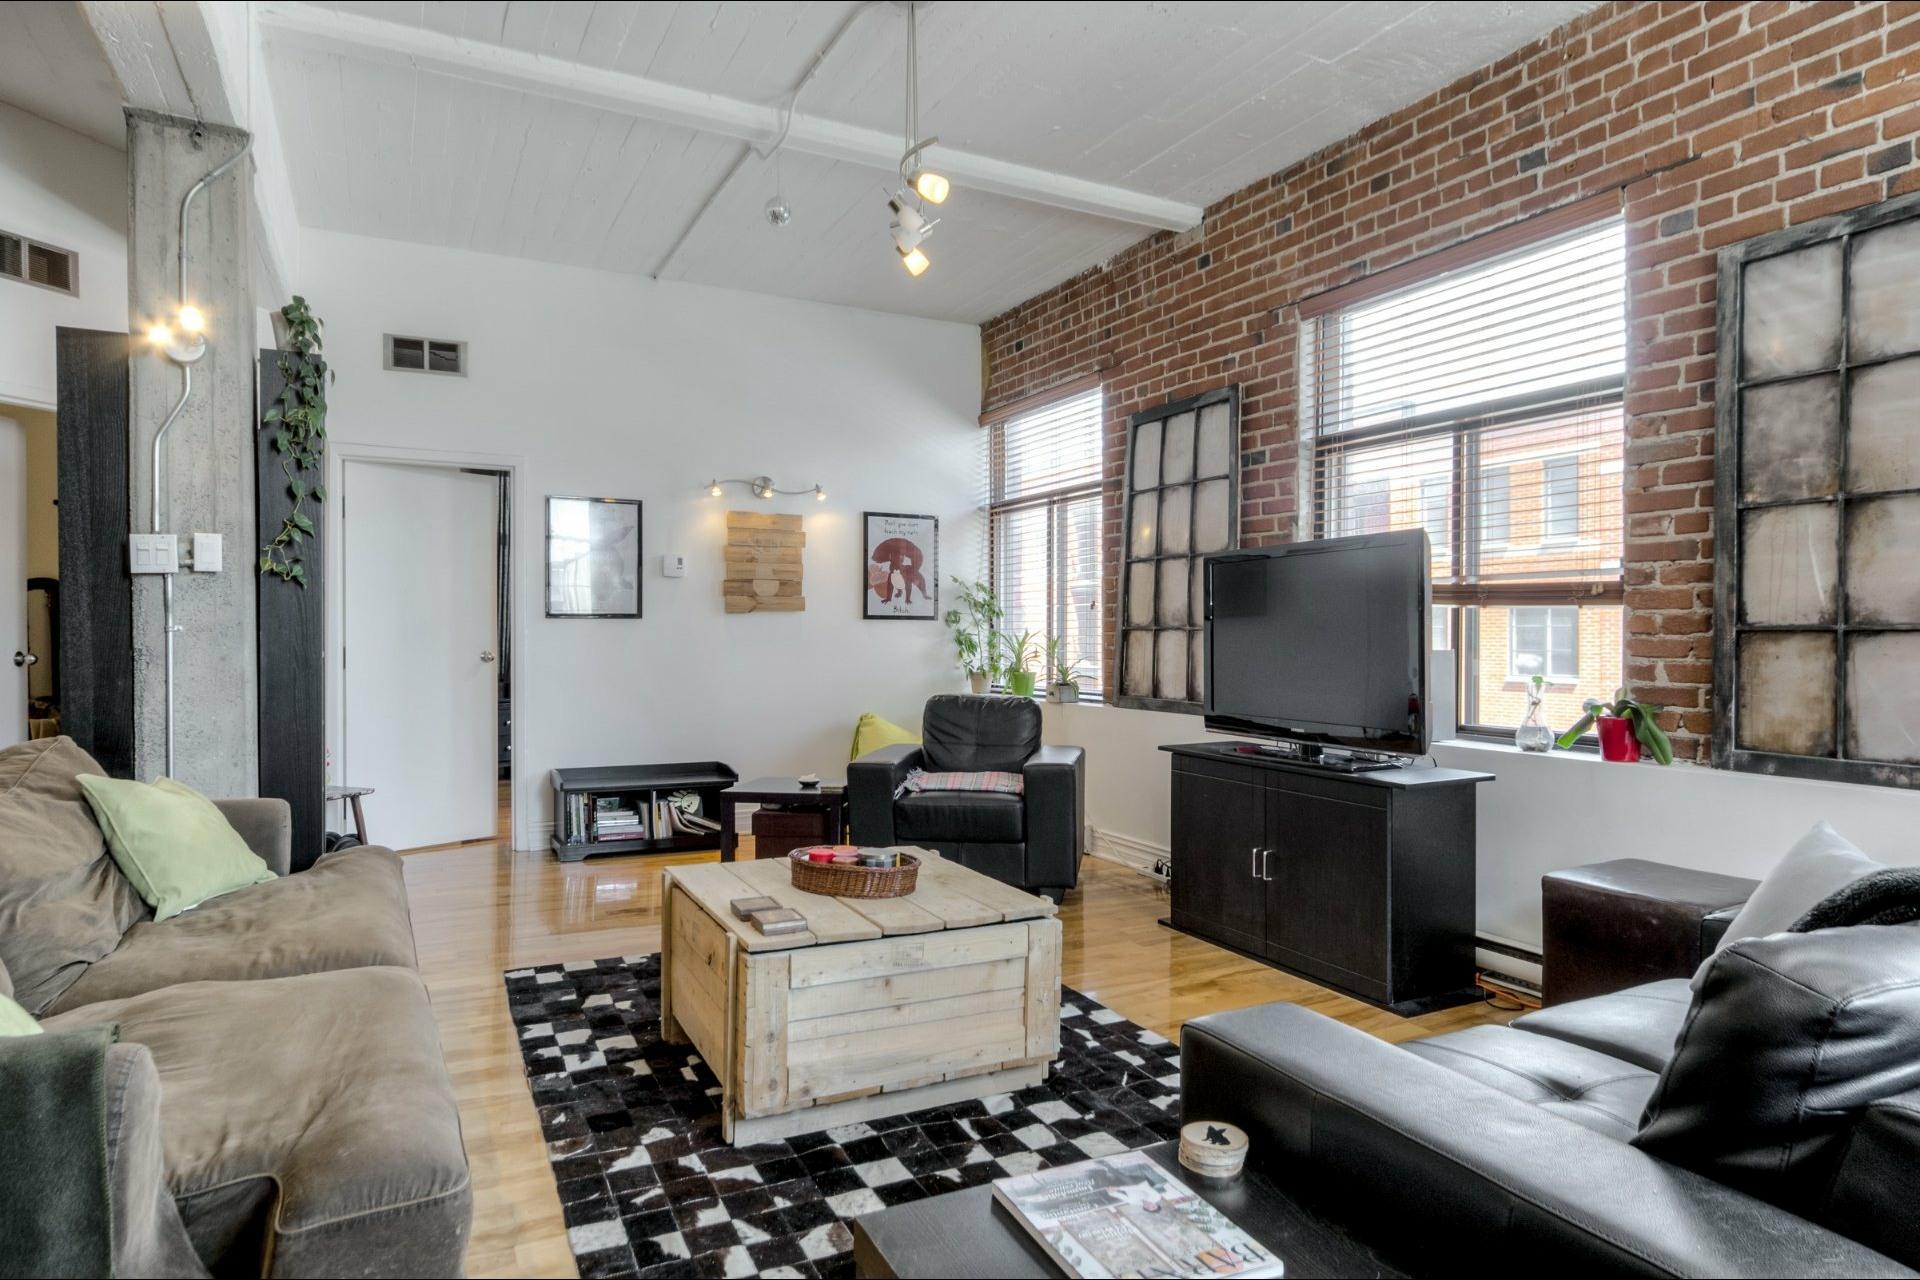 image 4 - Appartement À vendre Montréal Ville-Marie  - 8 pièces